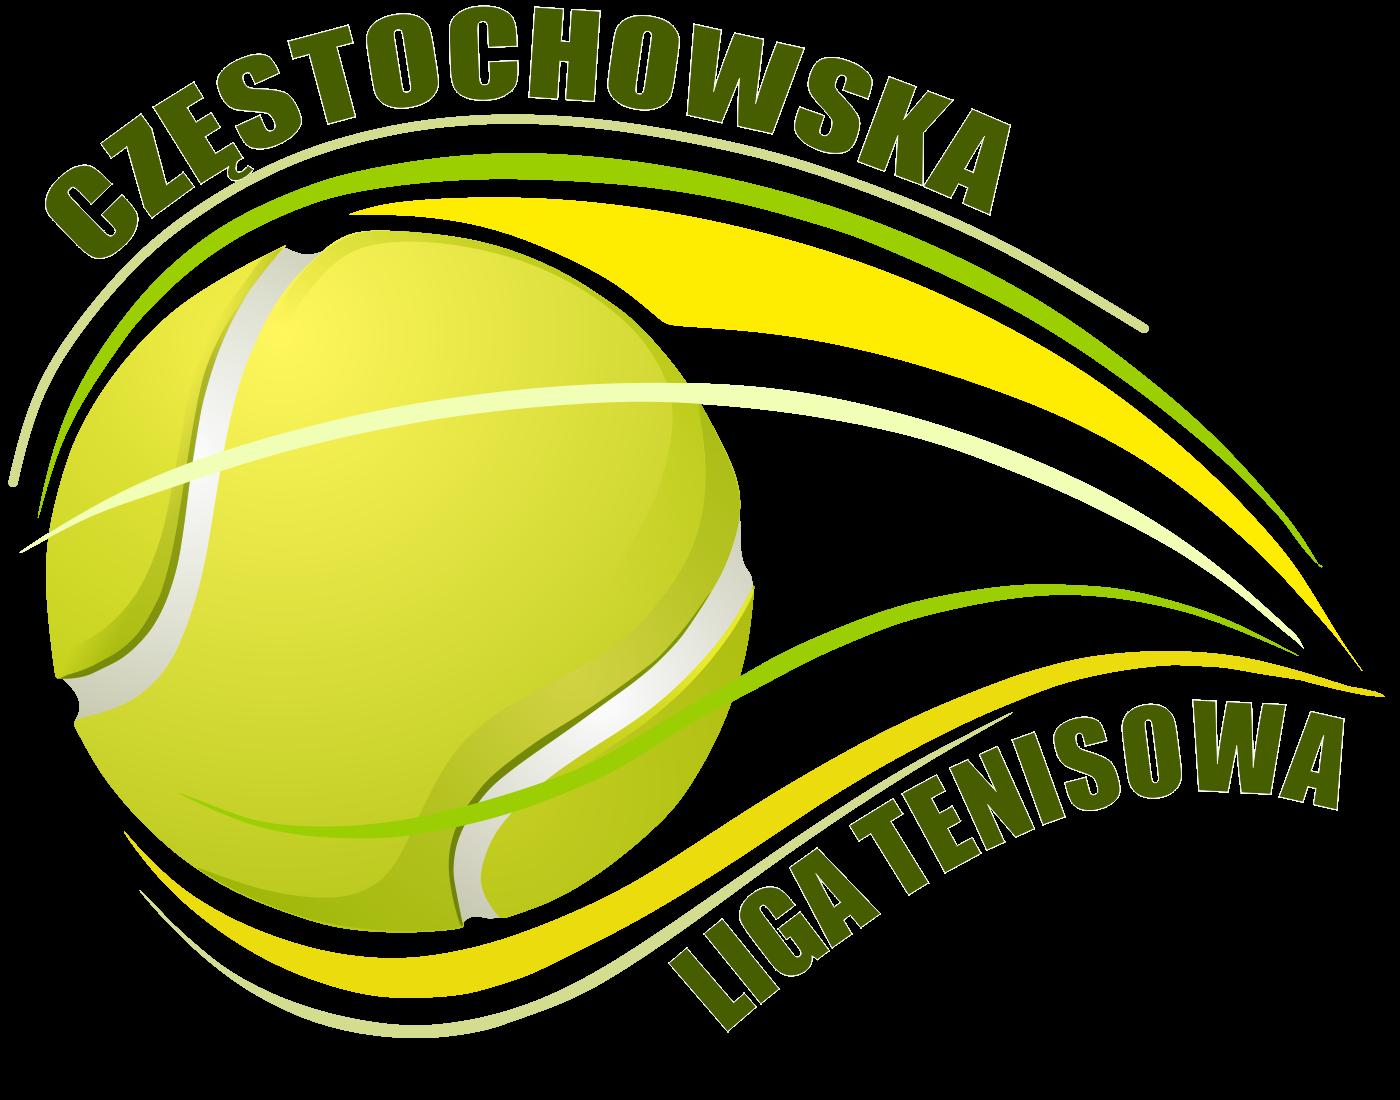 Częstochowska Liga Tenisowa